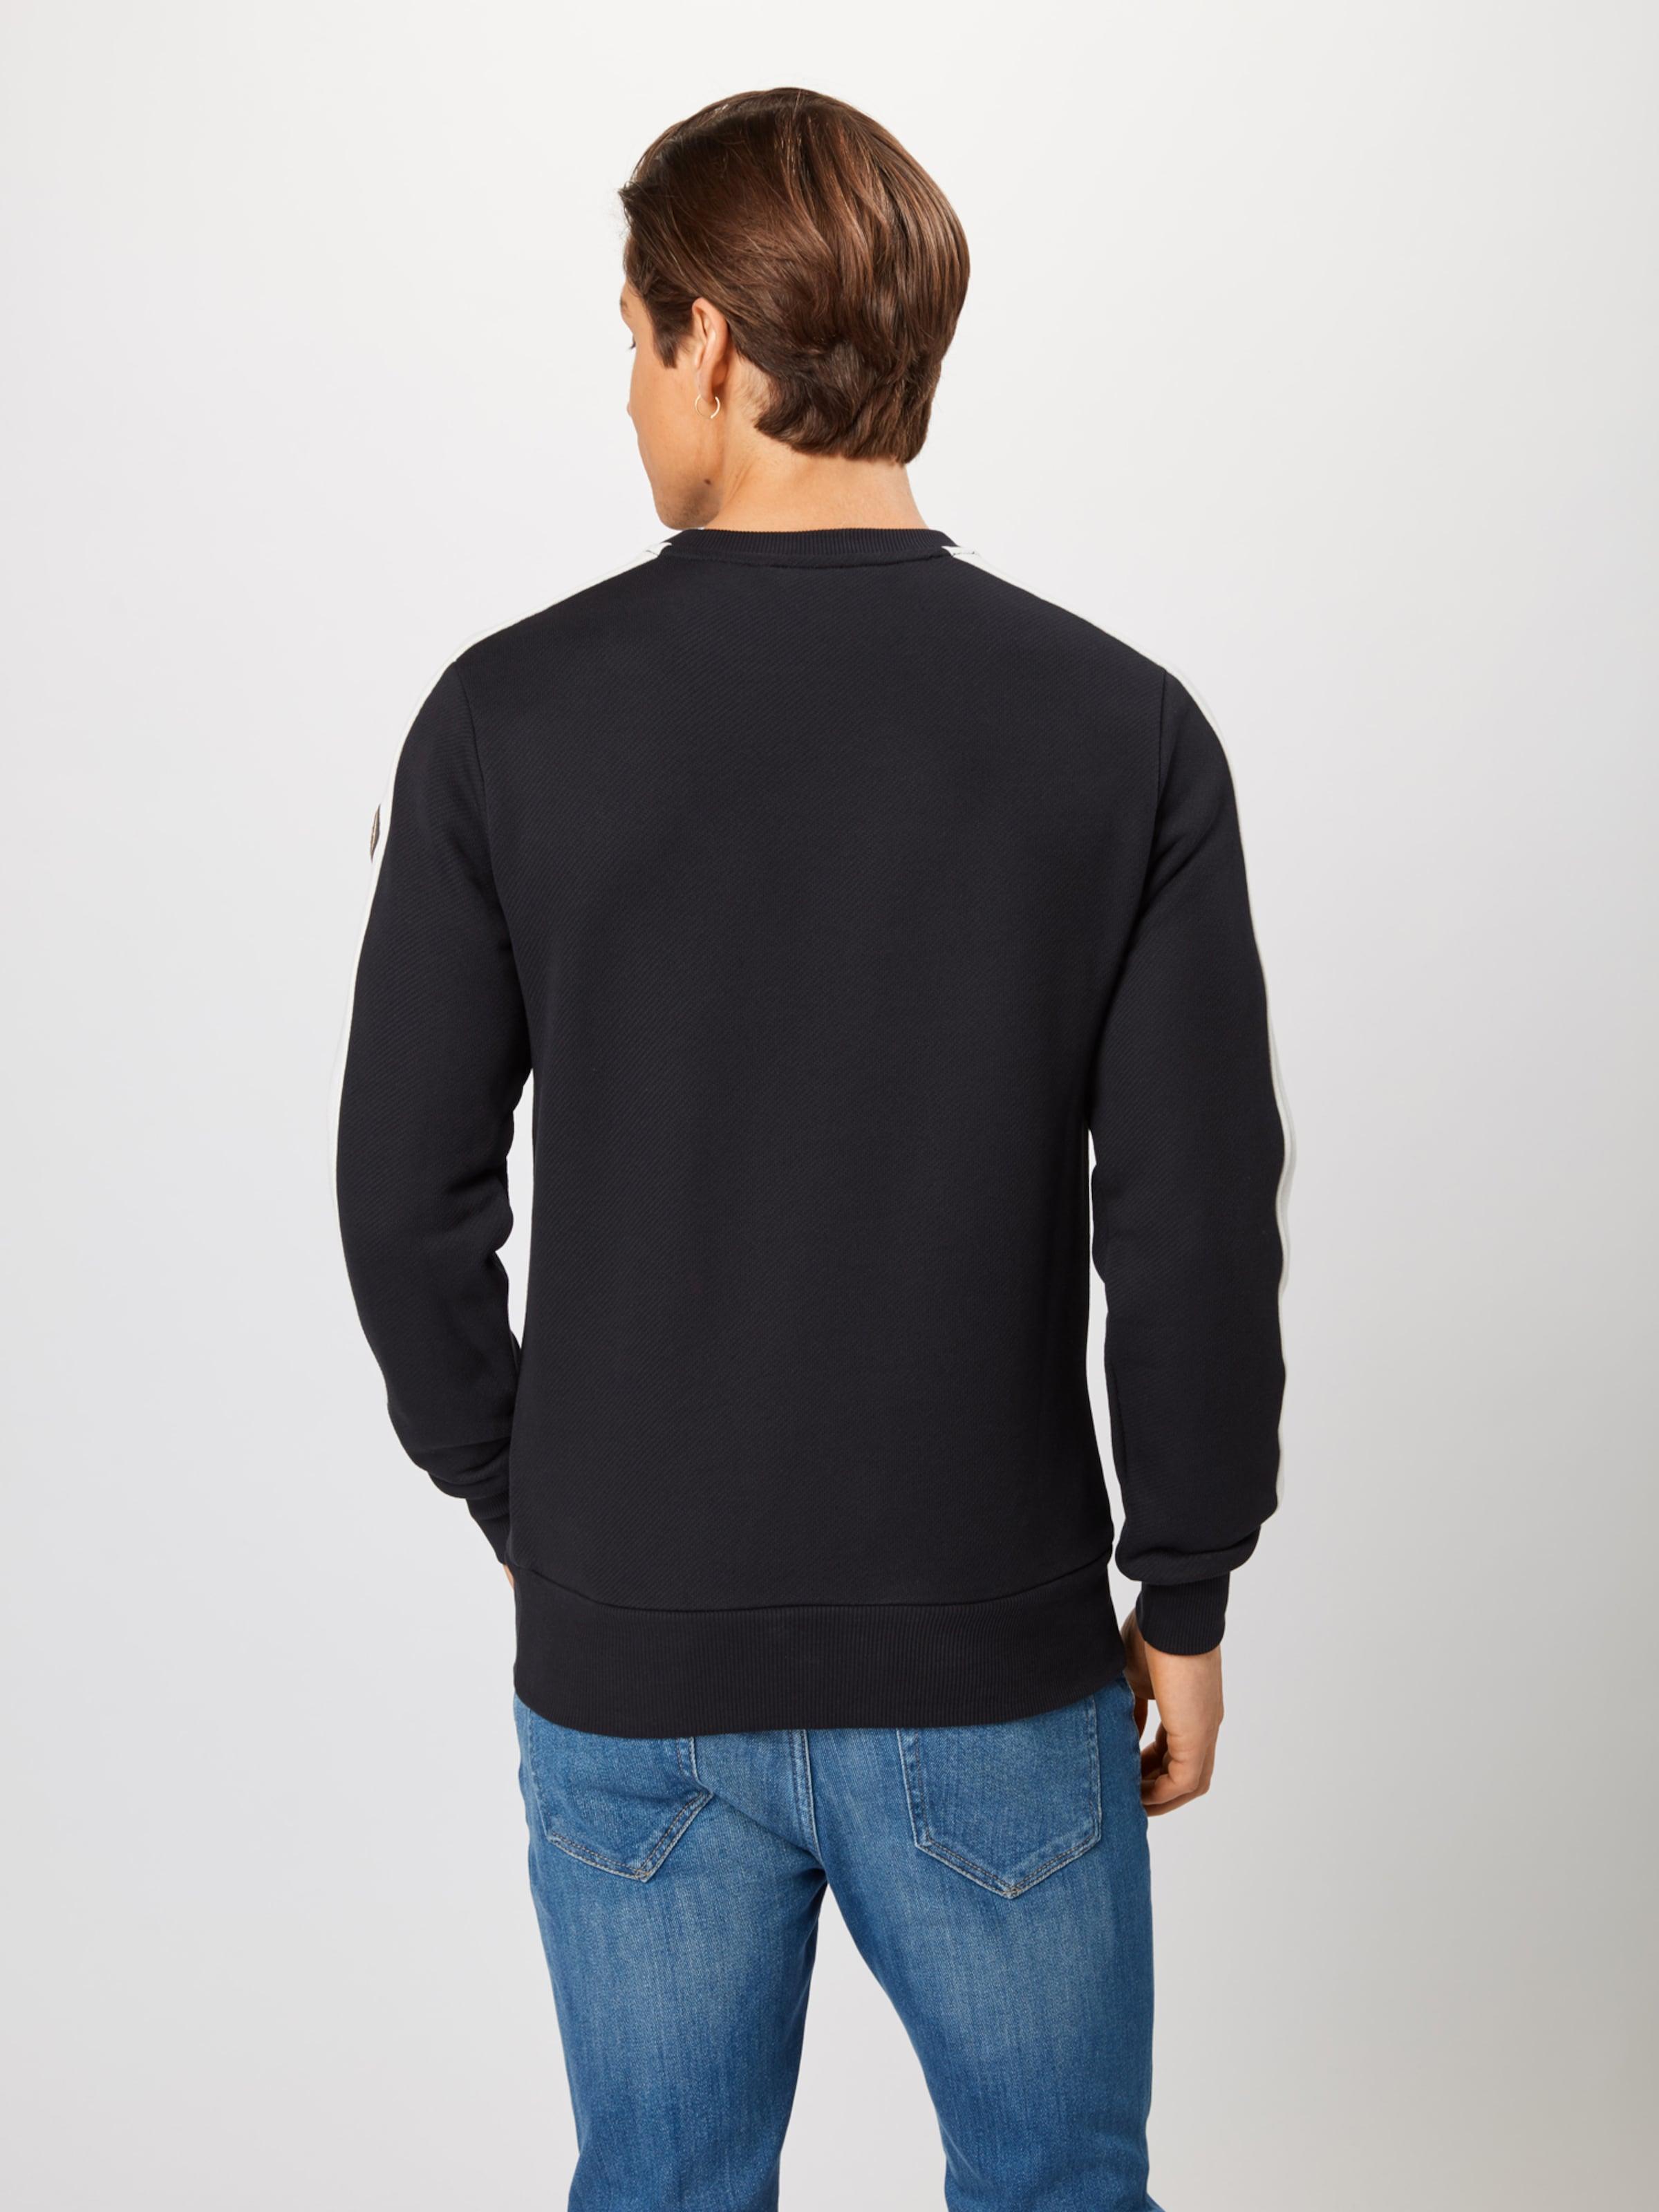 In Colmar Sweatshirt Sweatshirt SchwarzWeiß 'shabby' Colmar 'shabby' AjL534R